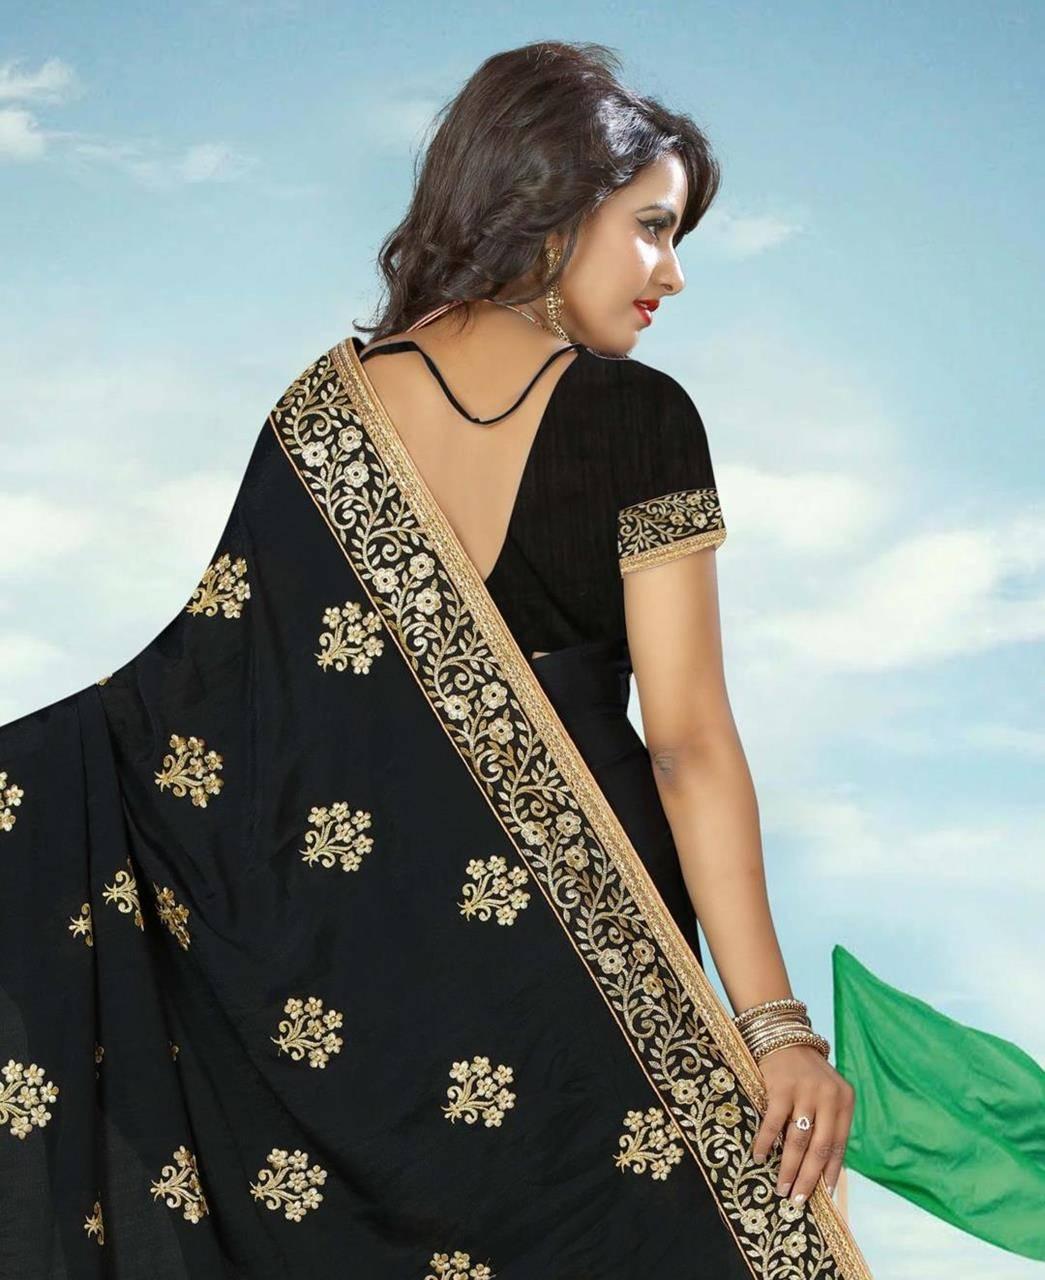 Embroidered Crape Saree (Sari) in Black